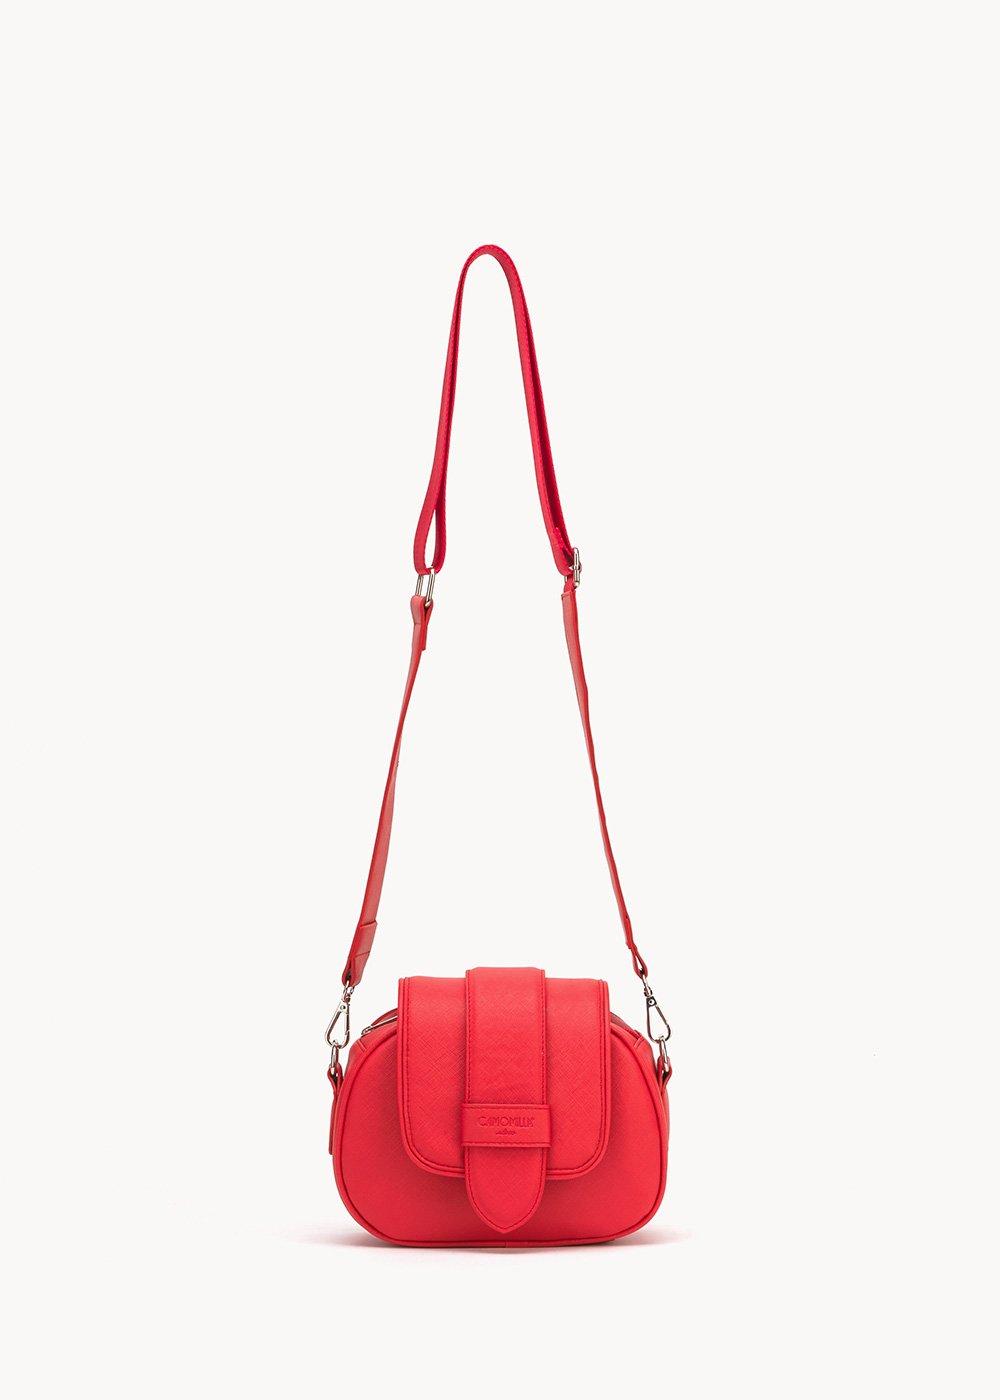 Bailey shoulder bag with shoulder strap - Lobster - Woman